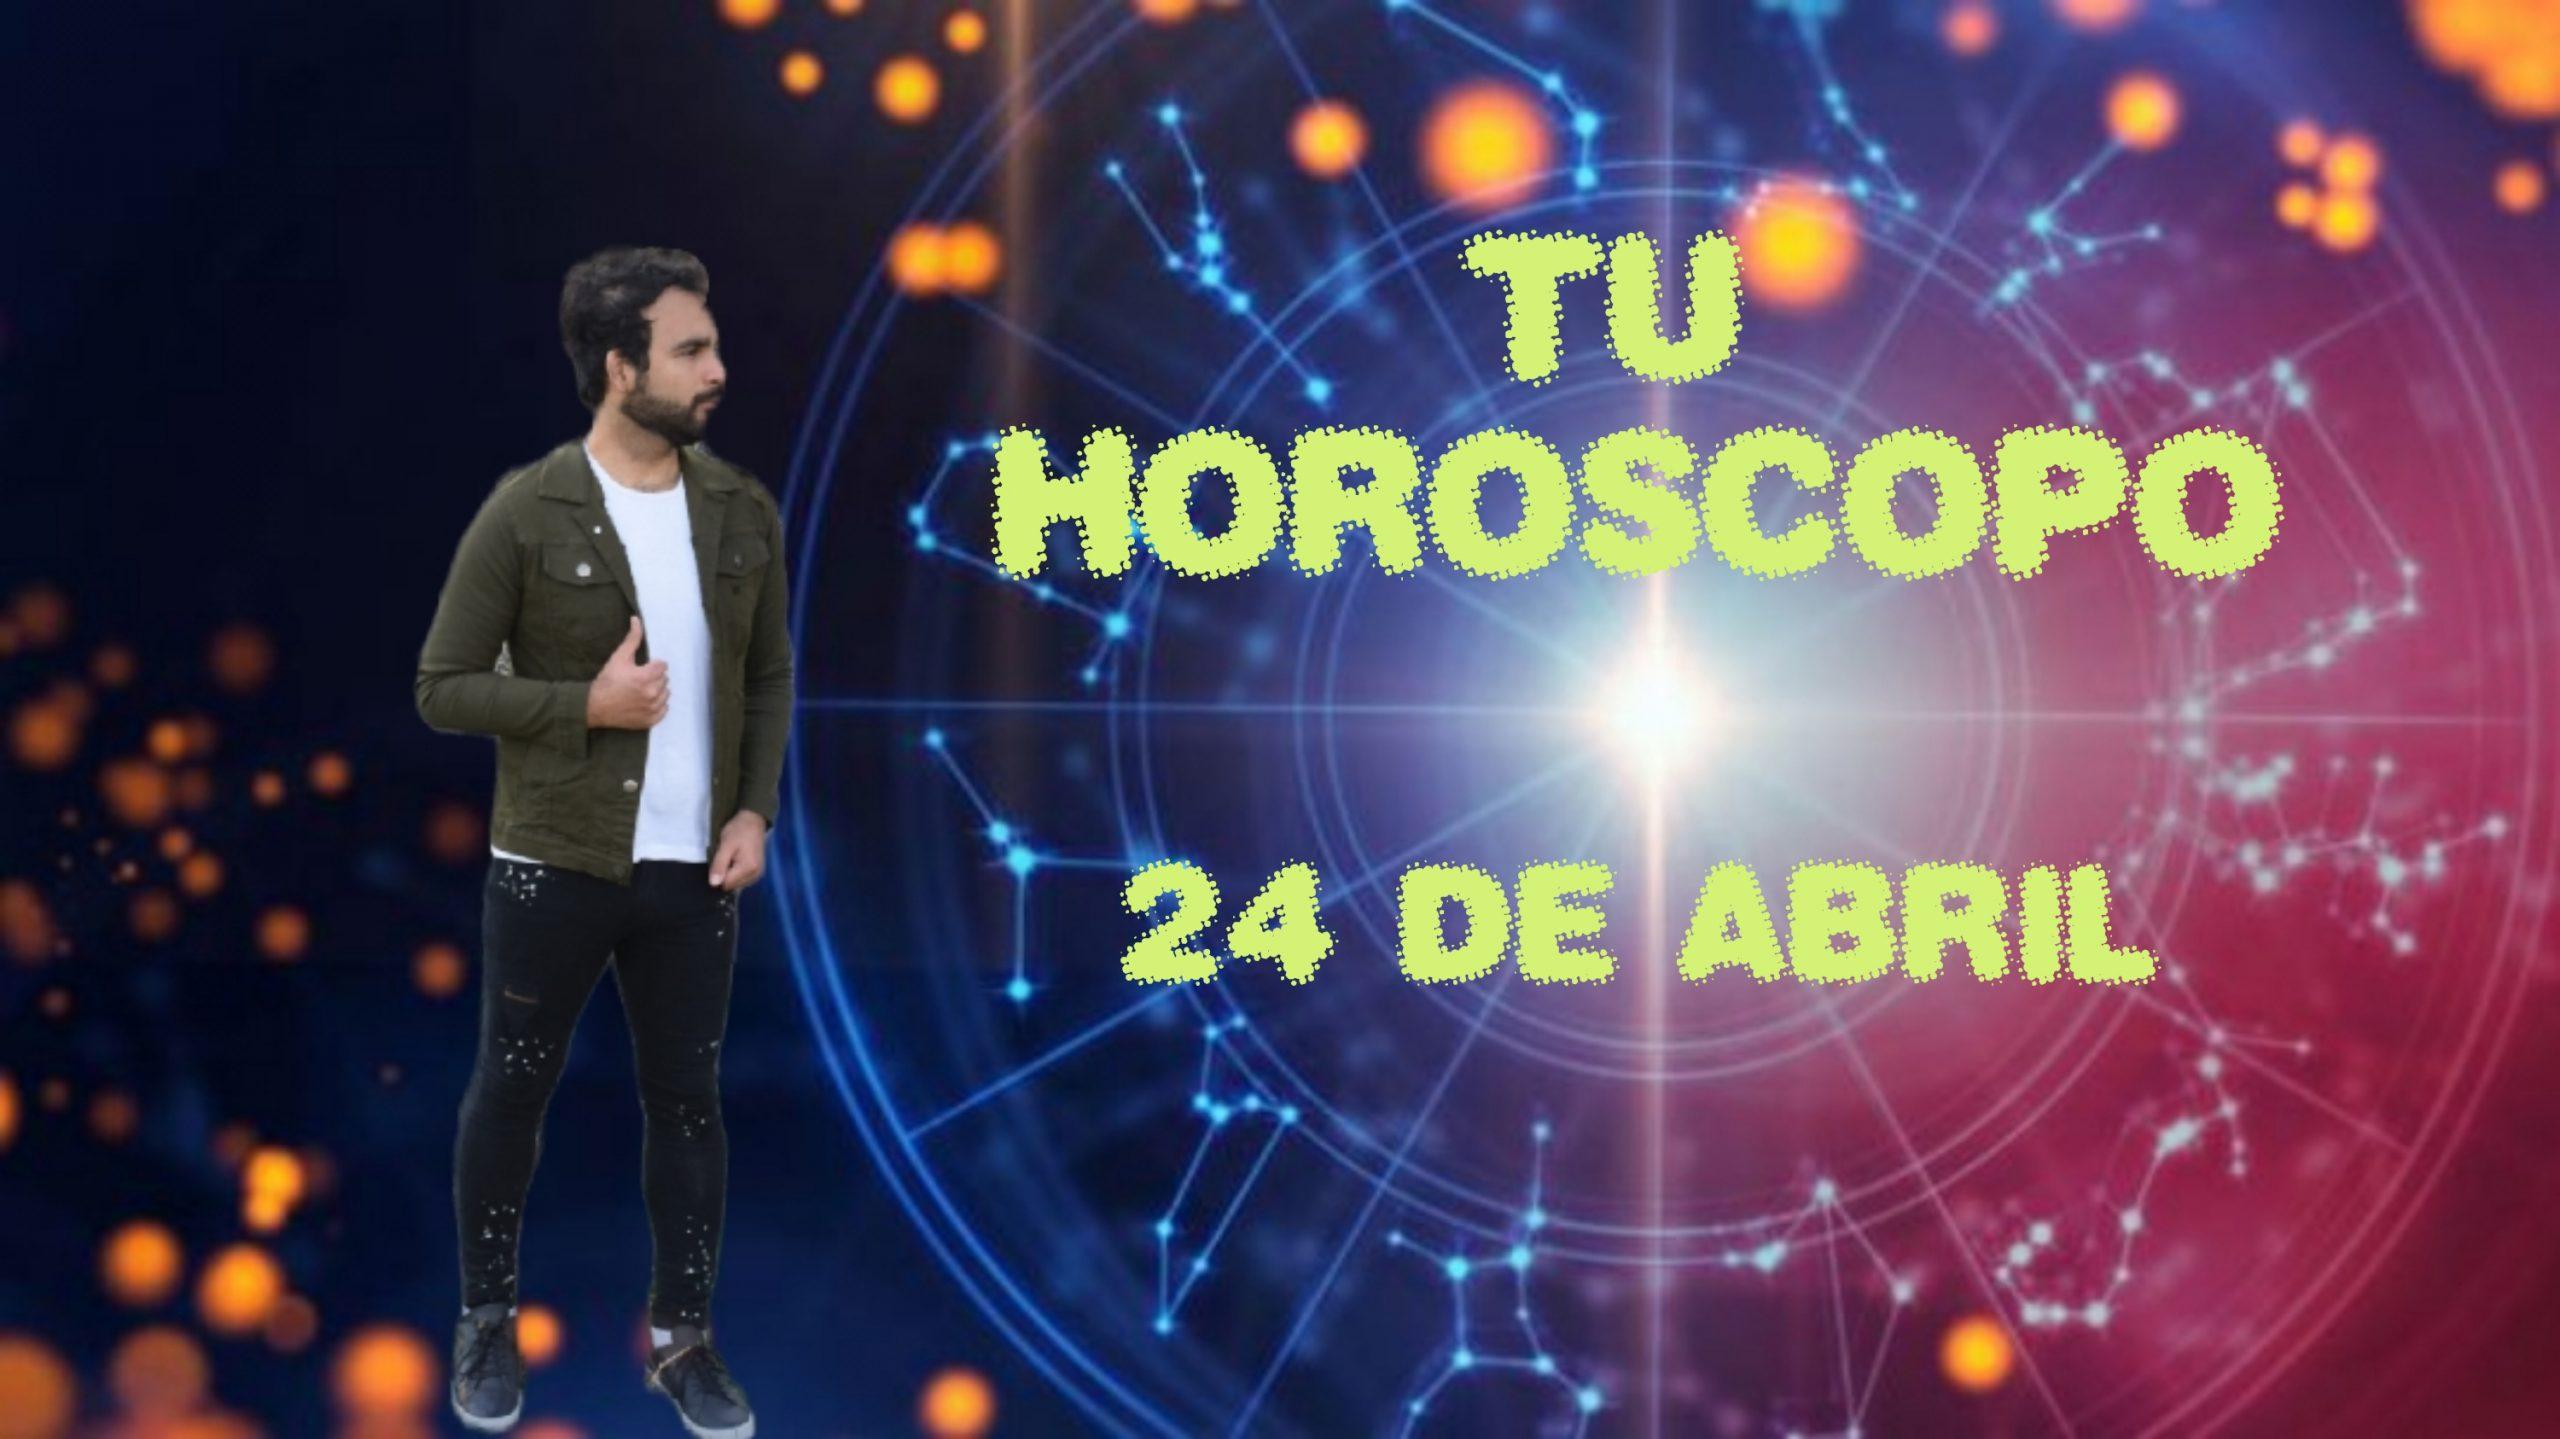 Horóscopo del día 24 de abril. Descubre tu futuro con Marcos Nahuel